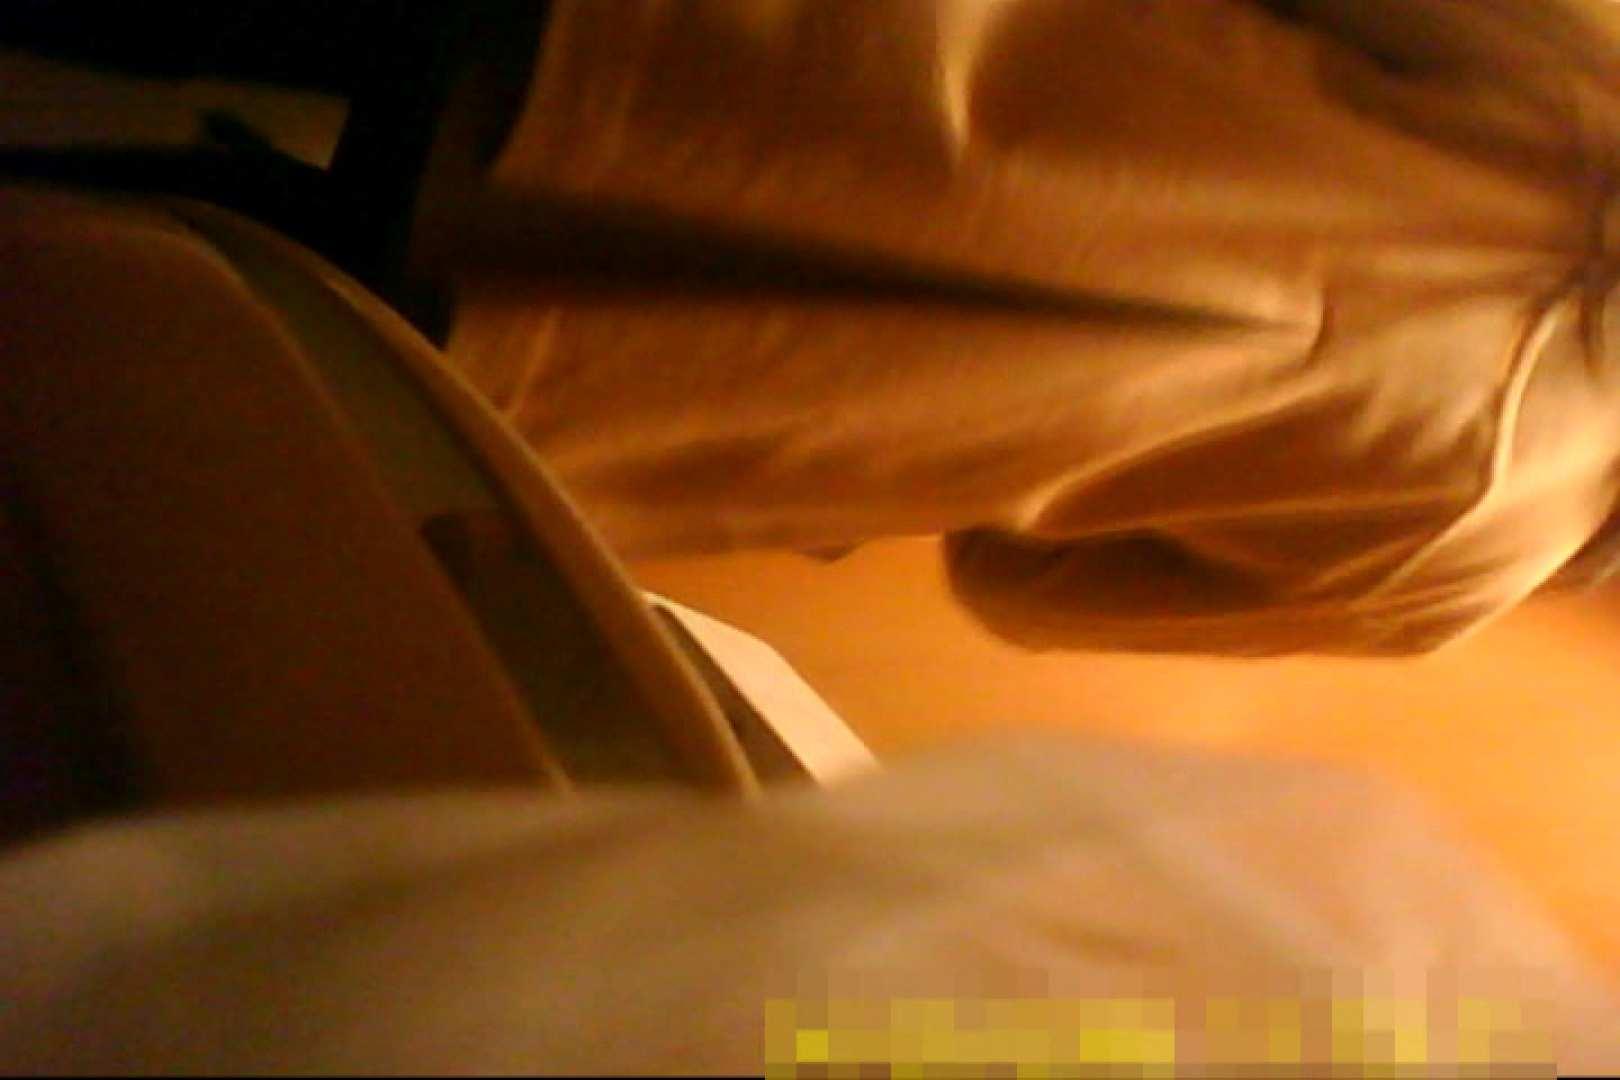 魅惑の化粧室~禁断のプライベート空間~vol.8 熟女 オマンコ動画キャプチャ 72PIX 47